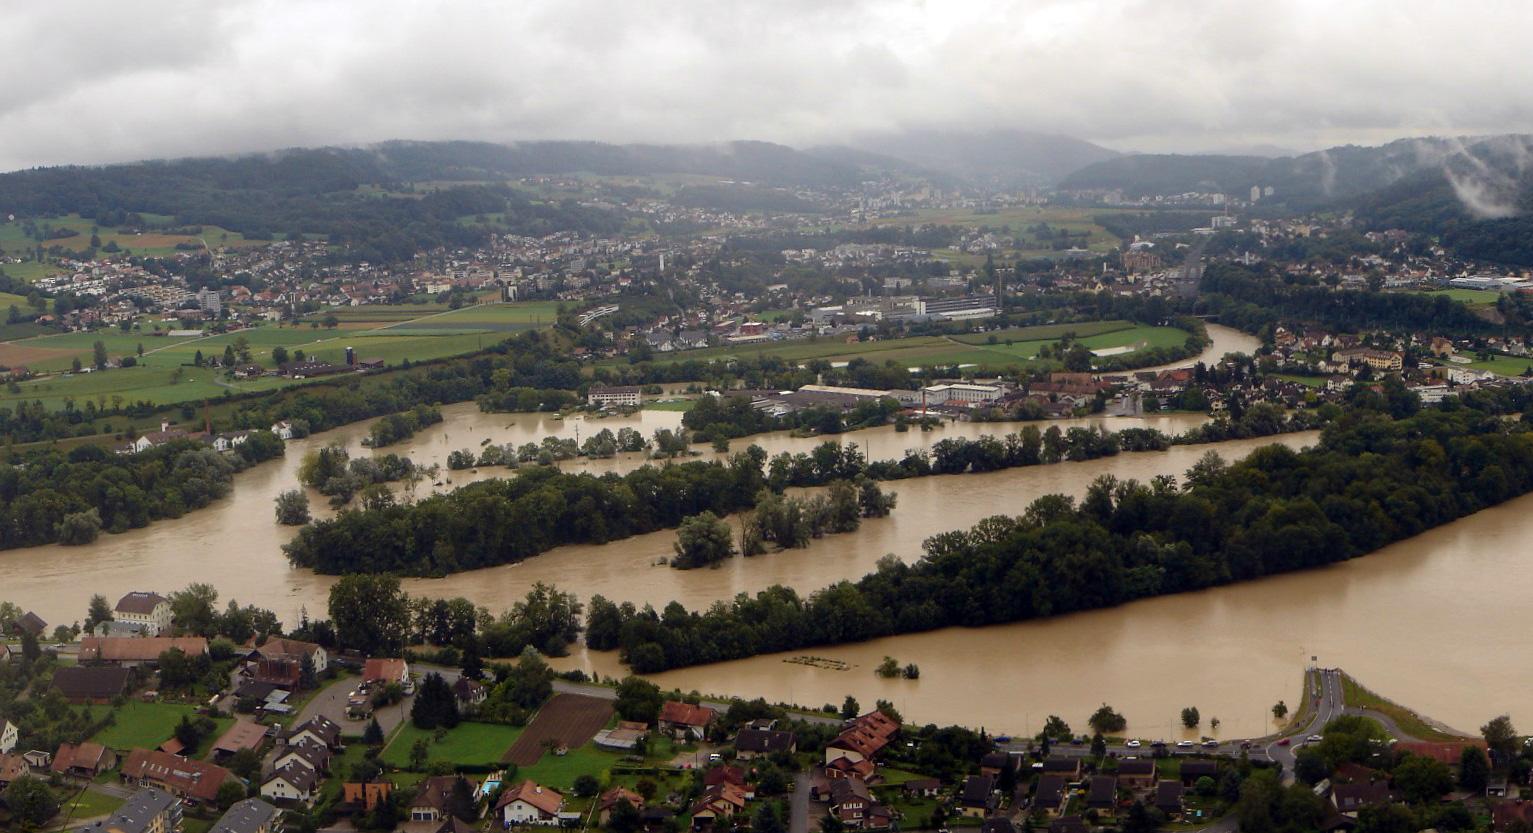 2007 - Hochwasser, Blick vom Brugger Berg (Quelle: luftbilder-der-schweiz.ch)